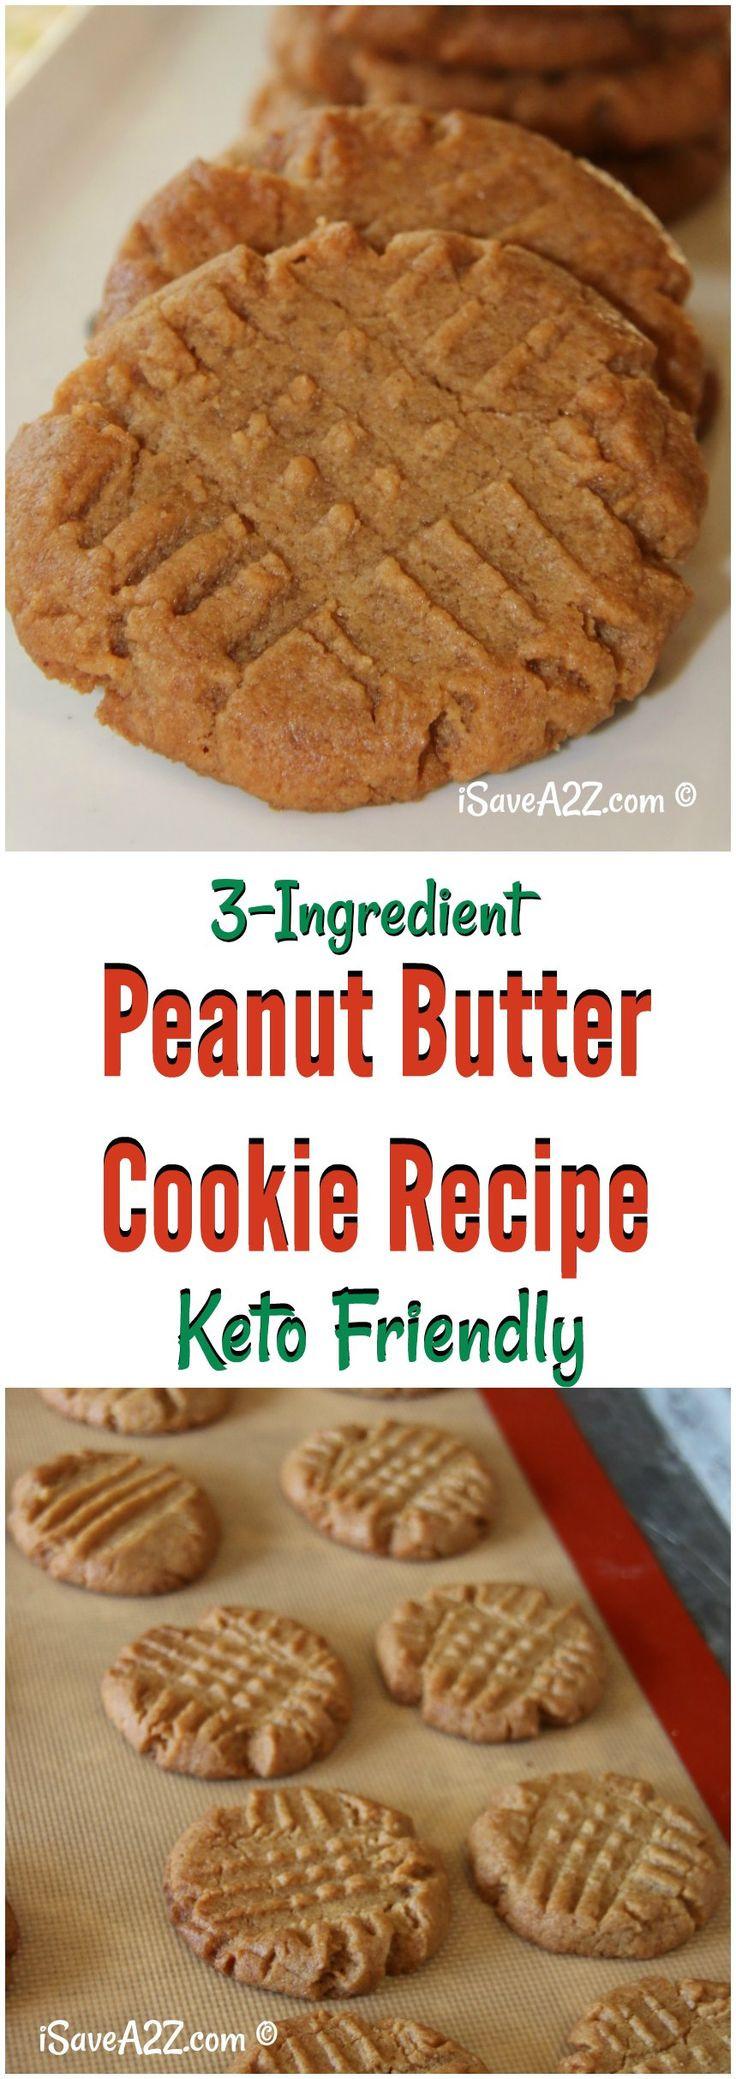 Keto Cookies Peanut Butter  De 20 bästa idéerna om Keto på Pinterest